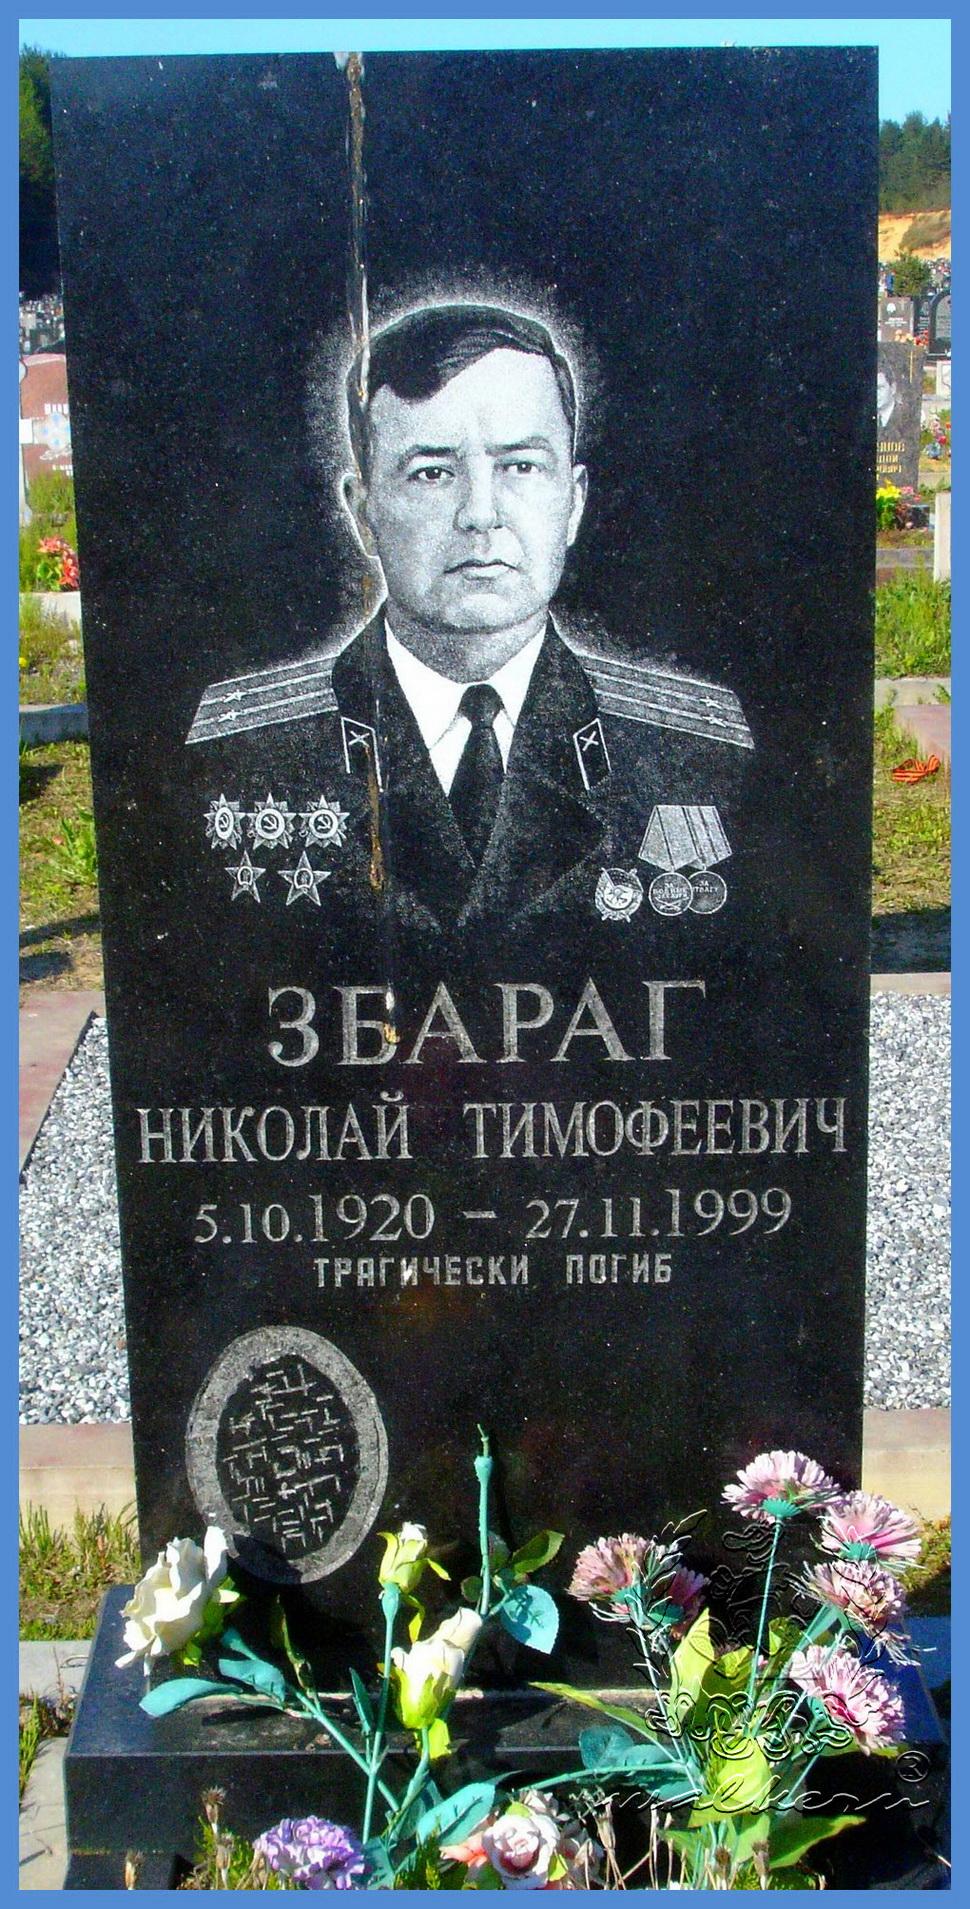 Збараг Николай Тимофеевич